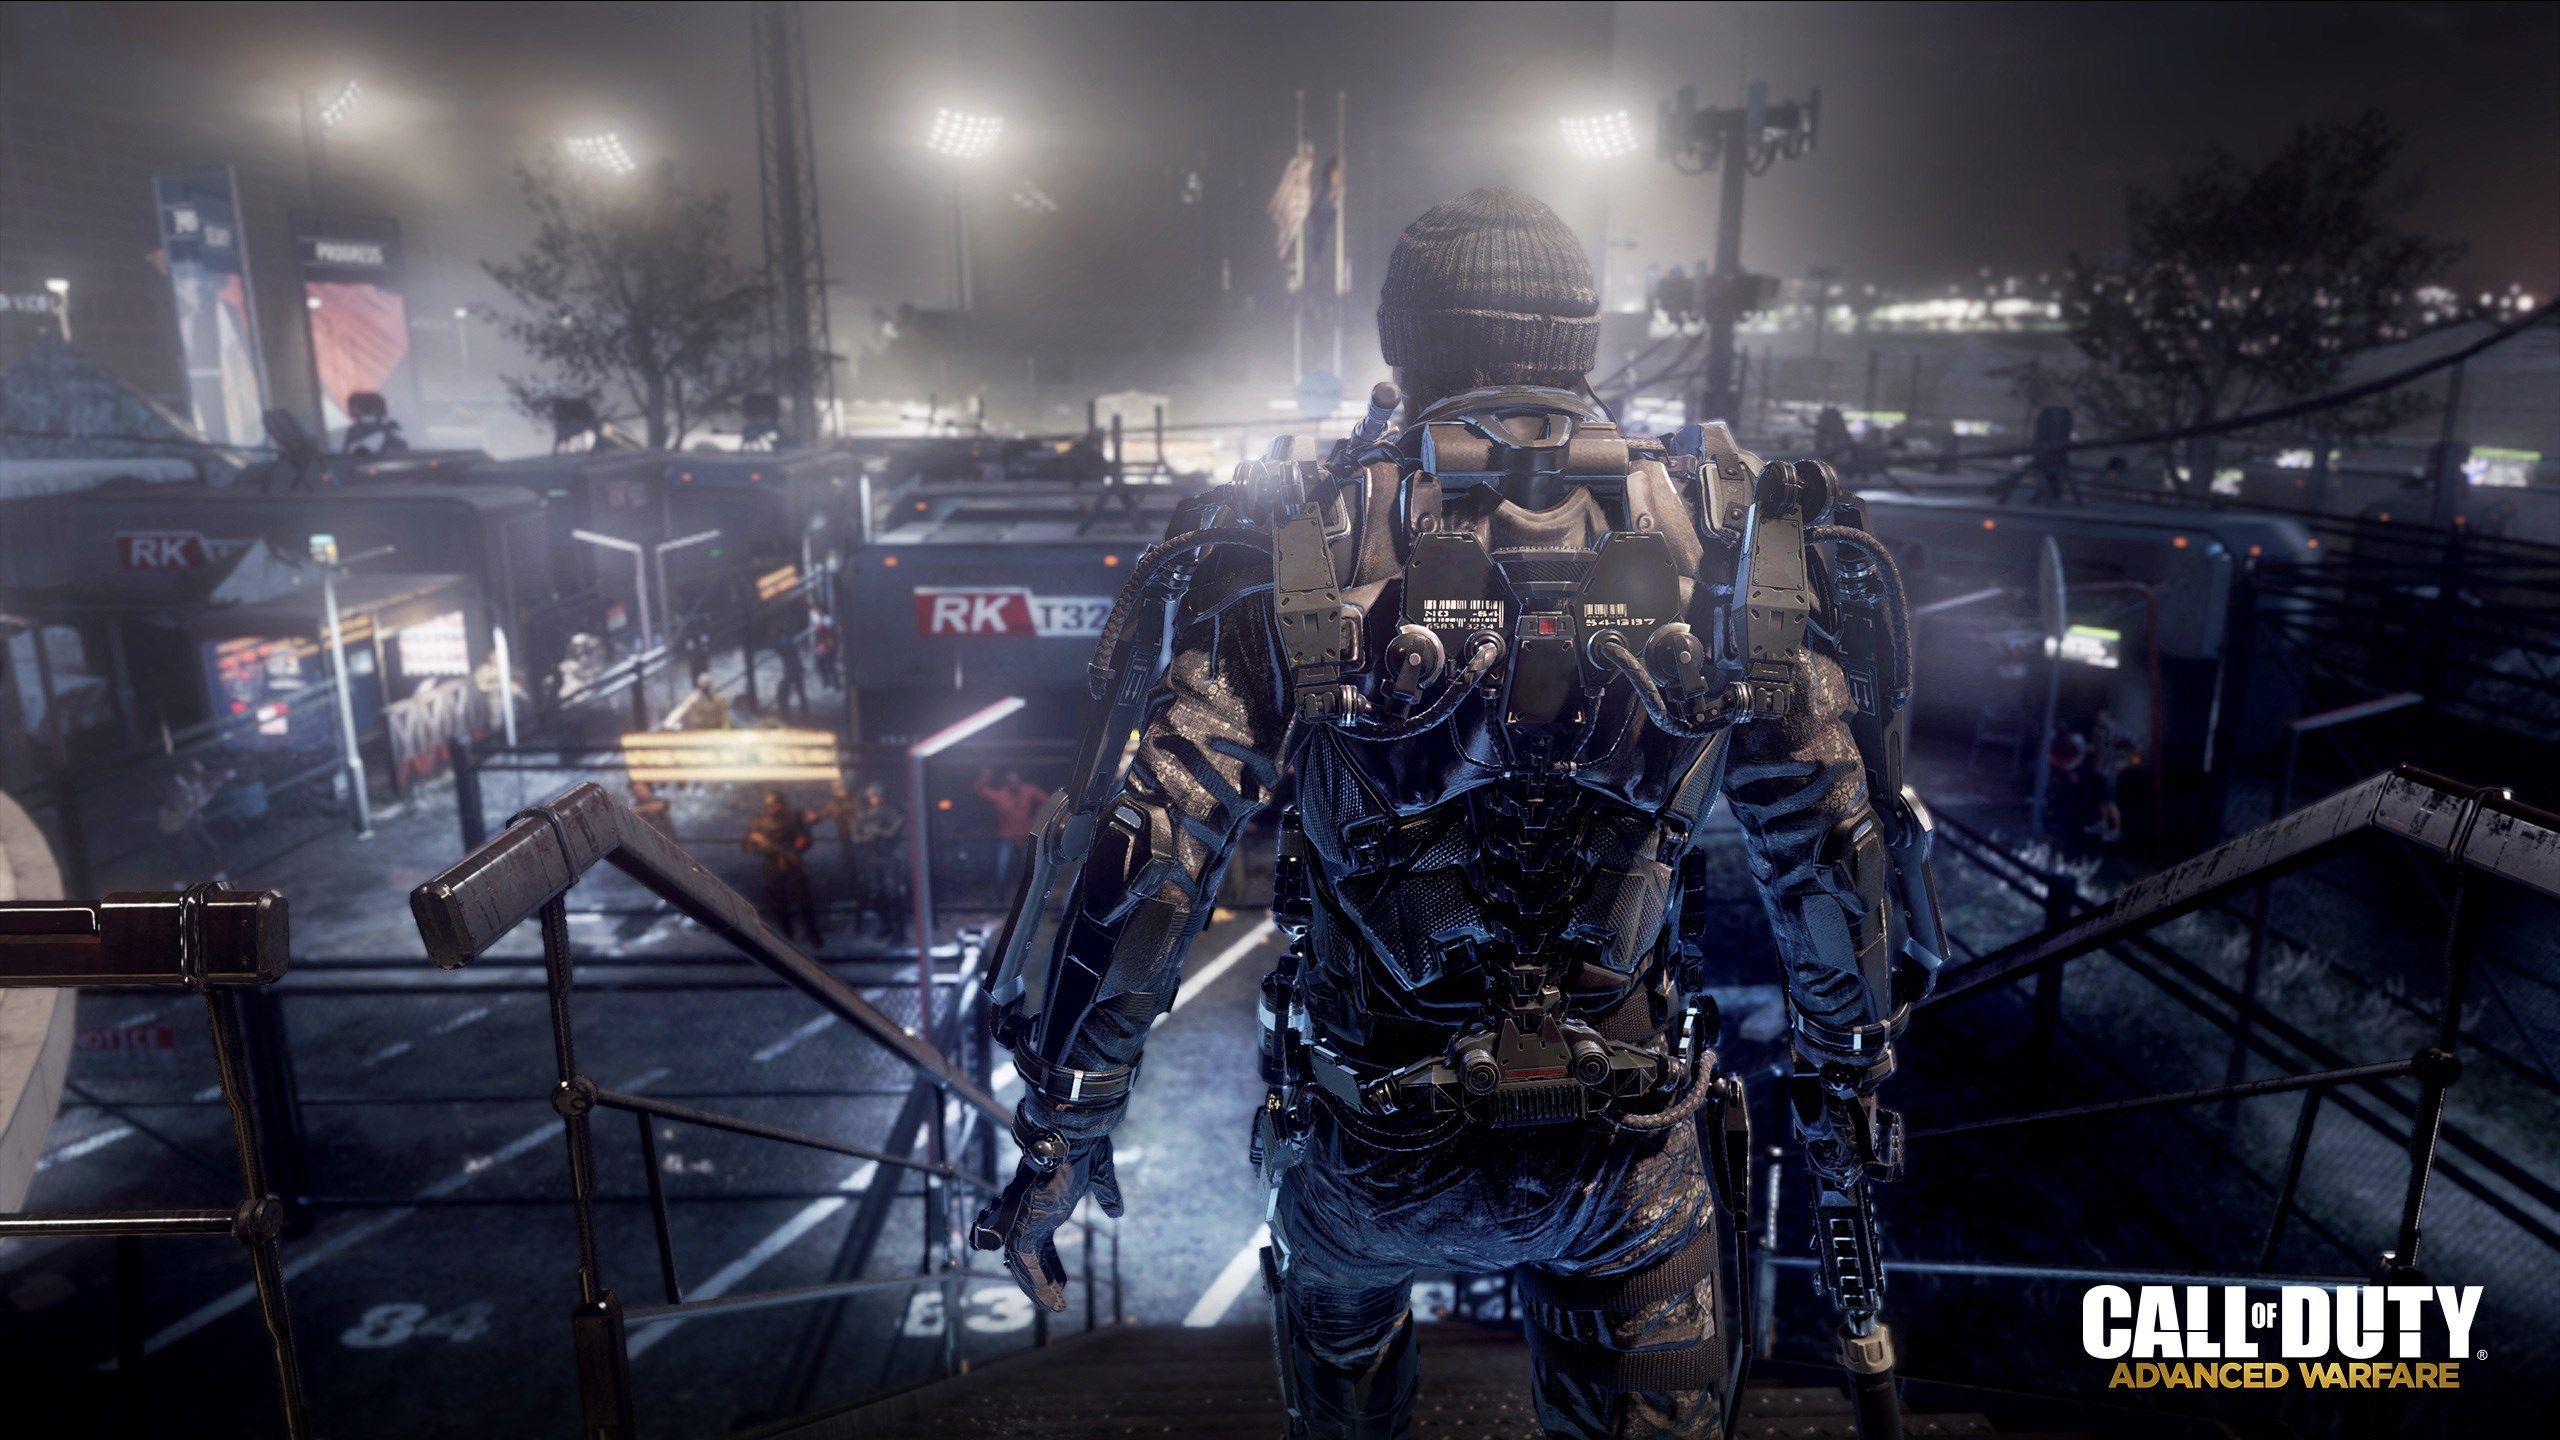 Call Of Duty Advanced Warfare Exoskeleton Zombie   2560x1440 2560x1440